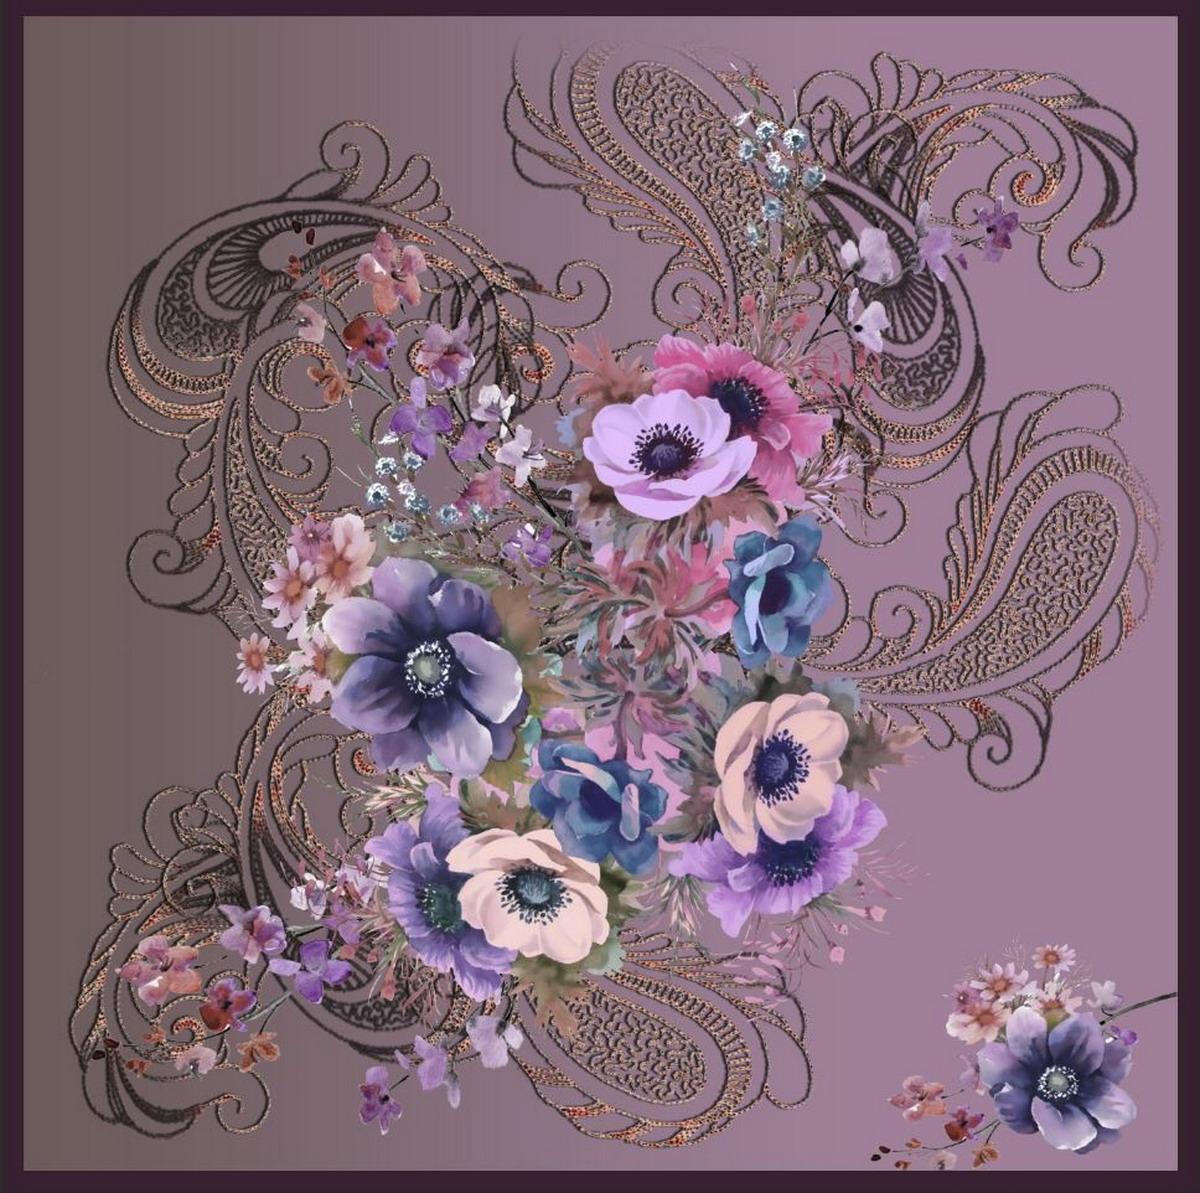 Платок женский Venera, цвет: серый, сиреневый. 3902627-25. Размер 90 х 90 см3902627-25Элегантный женский платок Venera изготовлен из высококачественного полиэстера приятного к телу и оформлен цветочным принтом. Такой стильный аксессуар освежит любой наряд и сделает ваш образ завершенным.